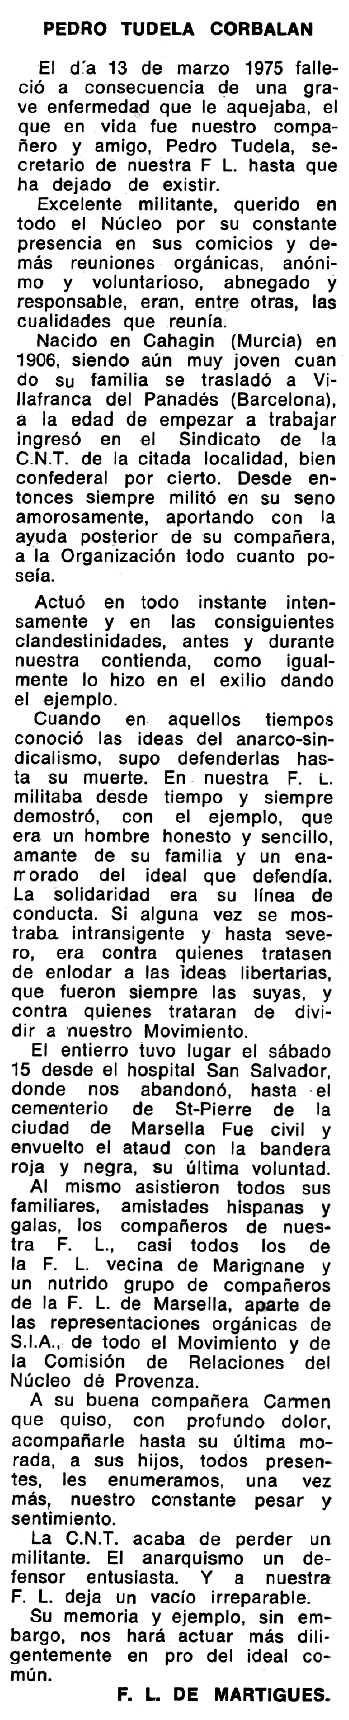 """Necrològica de Pedro Tudela Corbalán apareguda en el periòdic tolosà """"Espoir"""" del 22 de juny de 1975"""